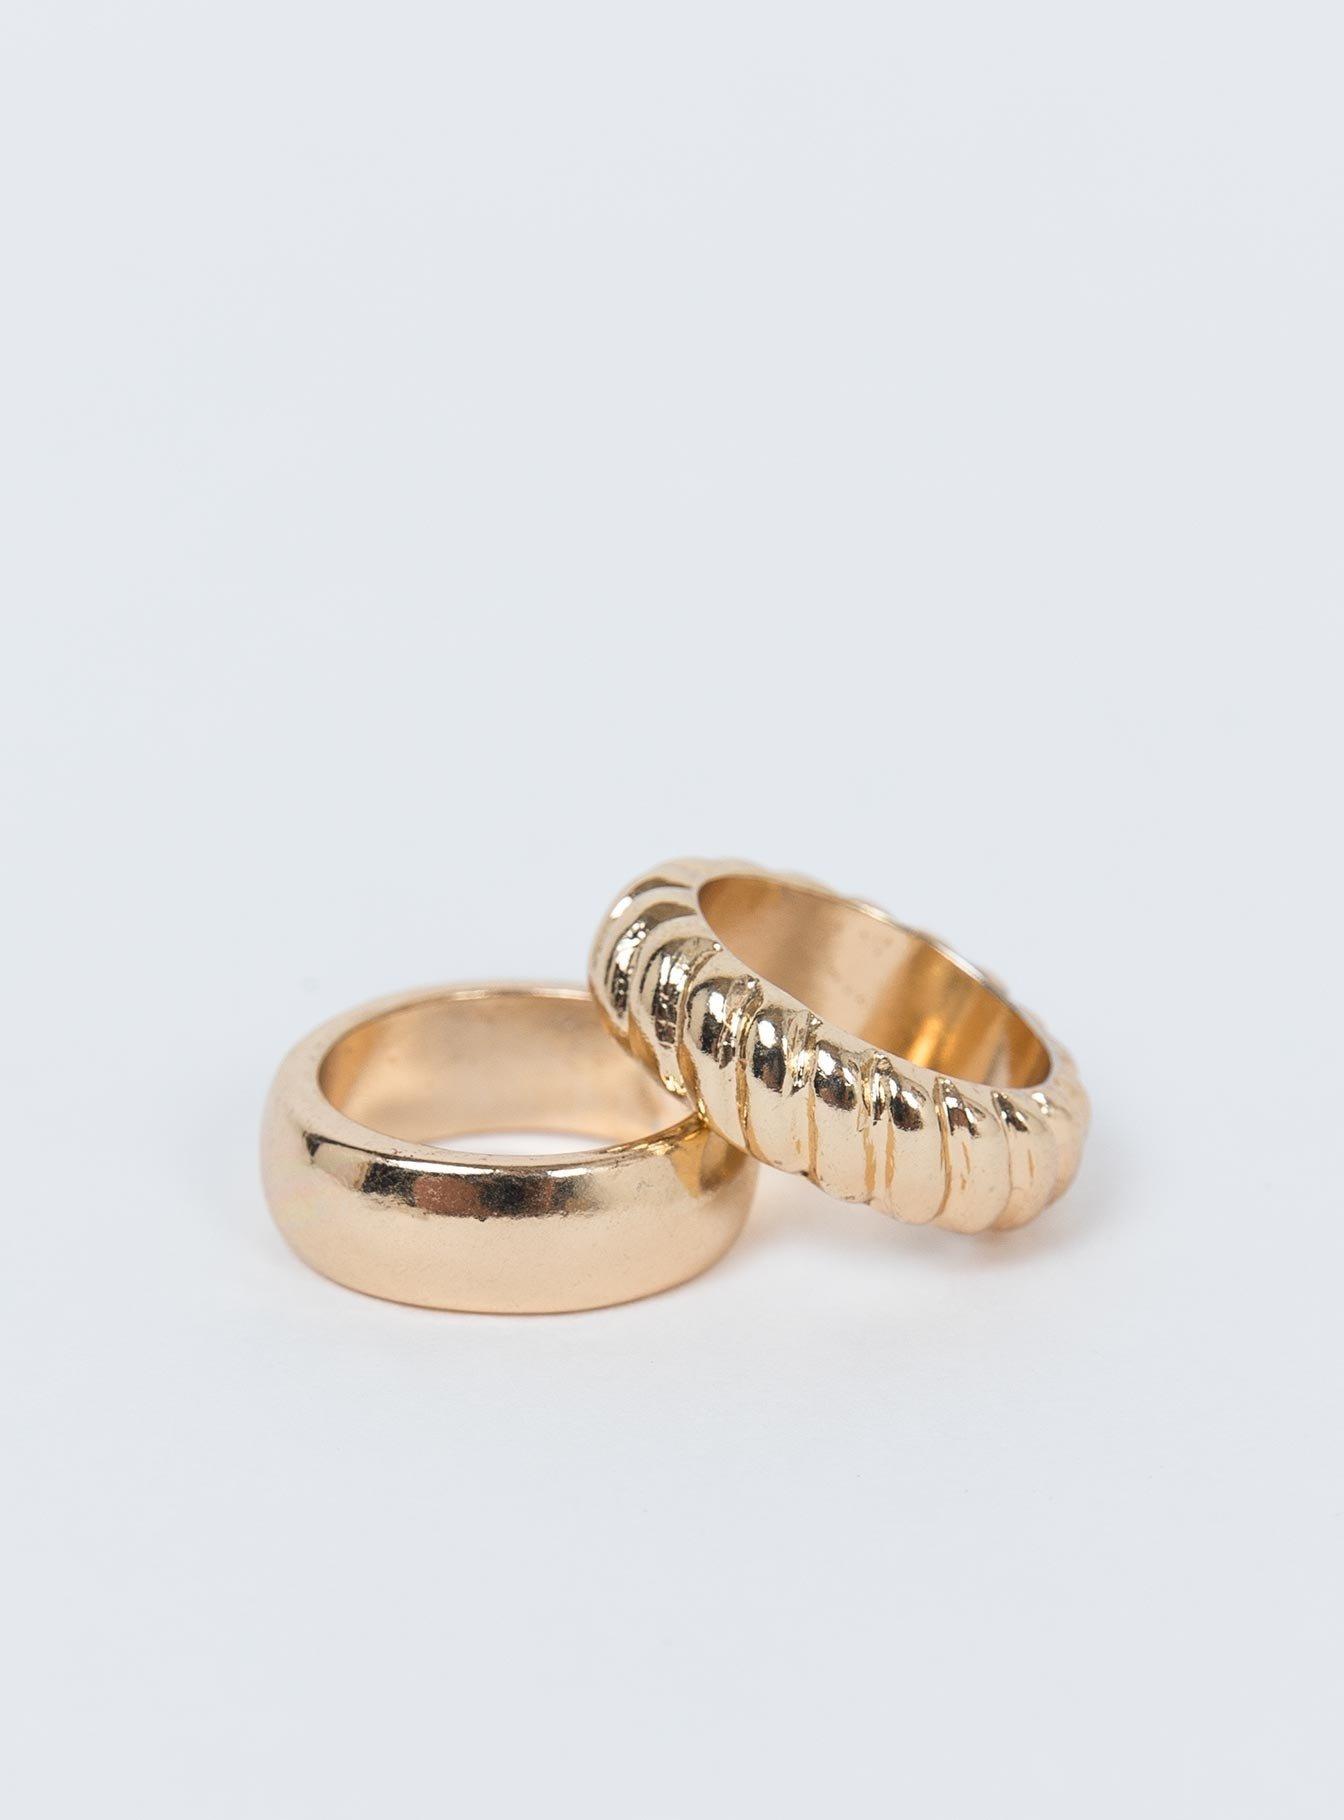 Rings (Side B)